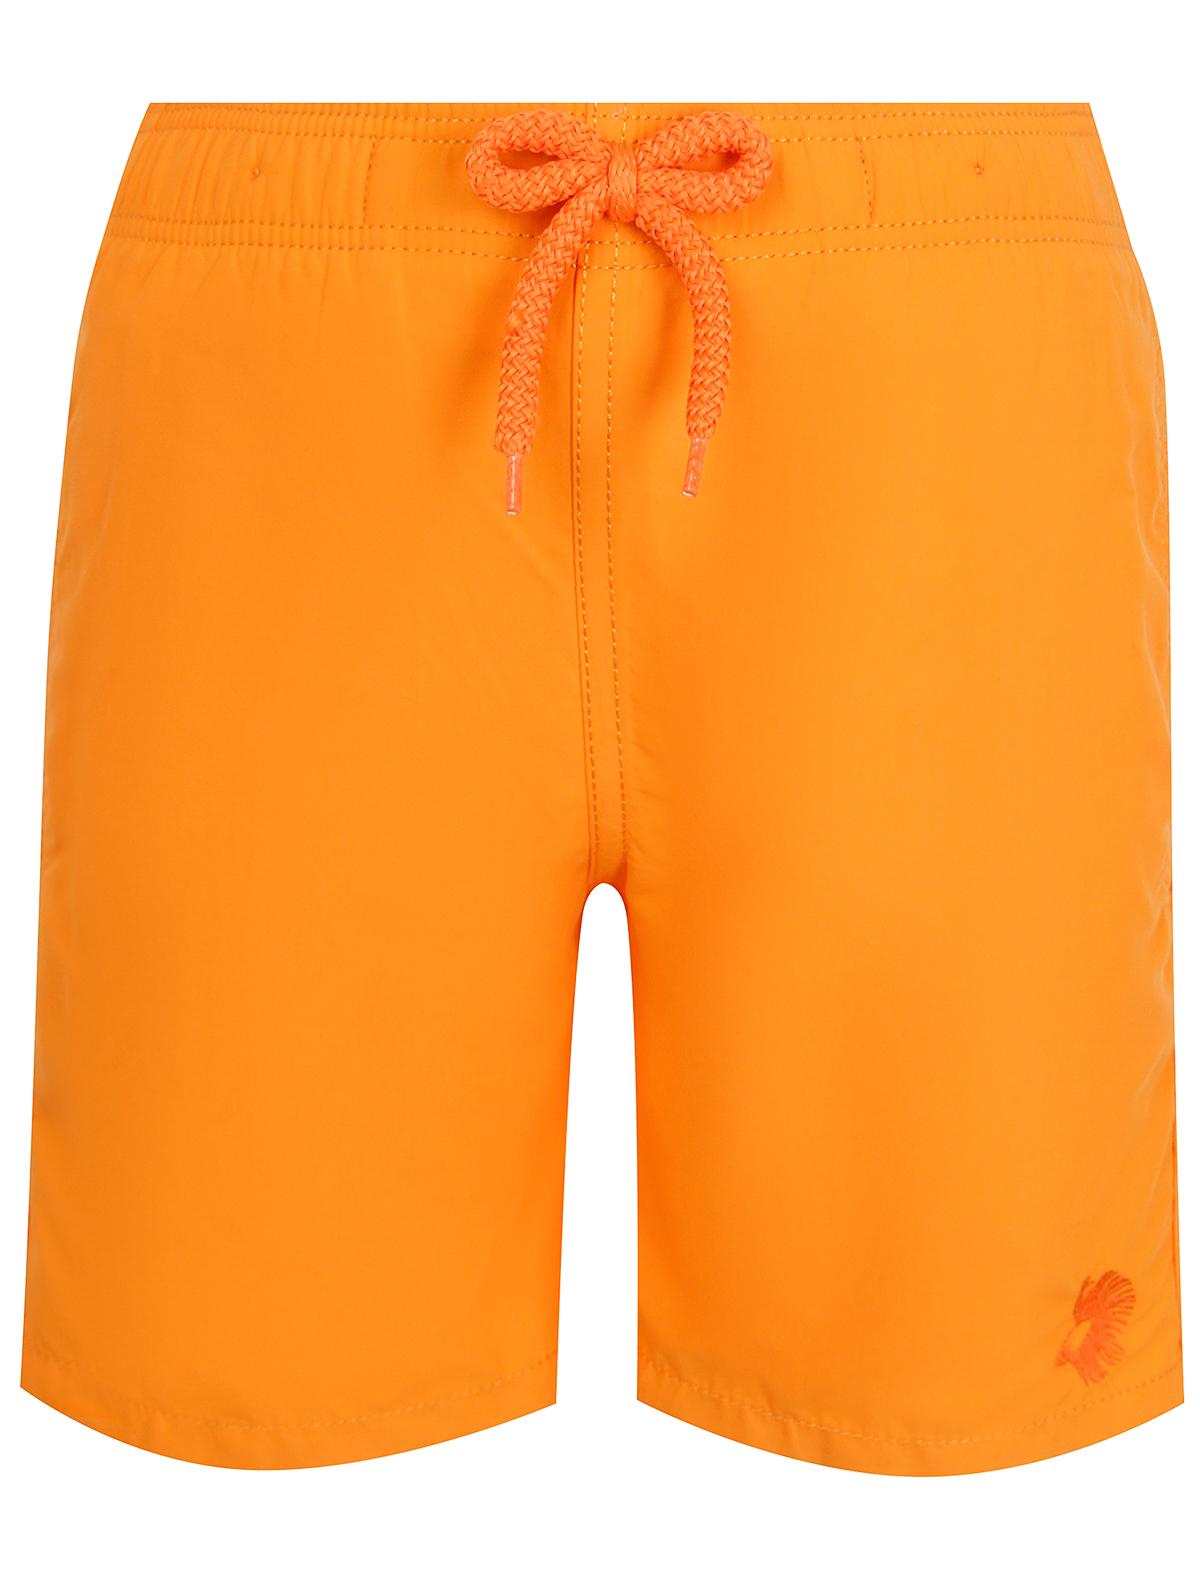 Купить 2020949, Шорты пляжные VILEBREQUIN, оранжевый, Мужской, 4102419970045